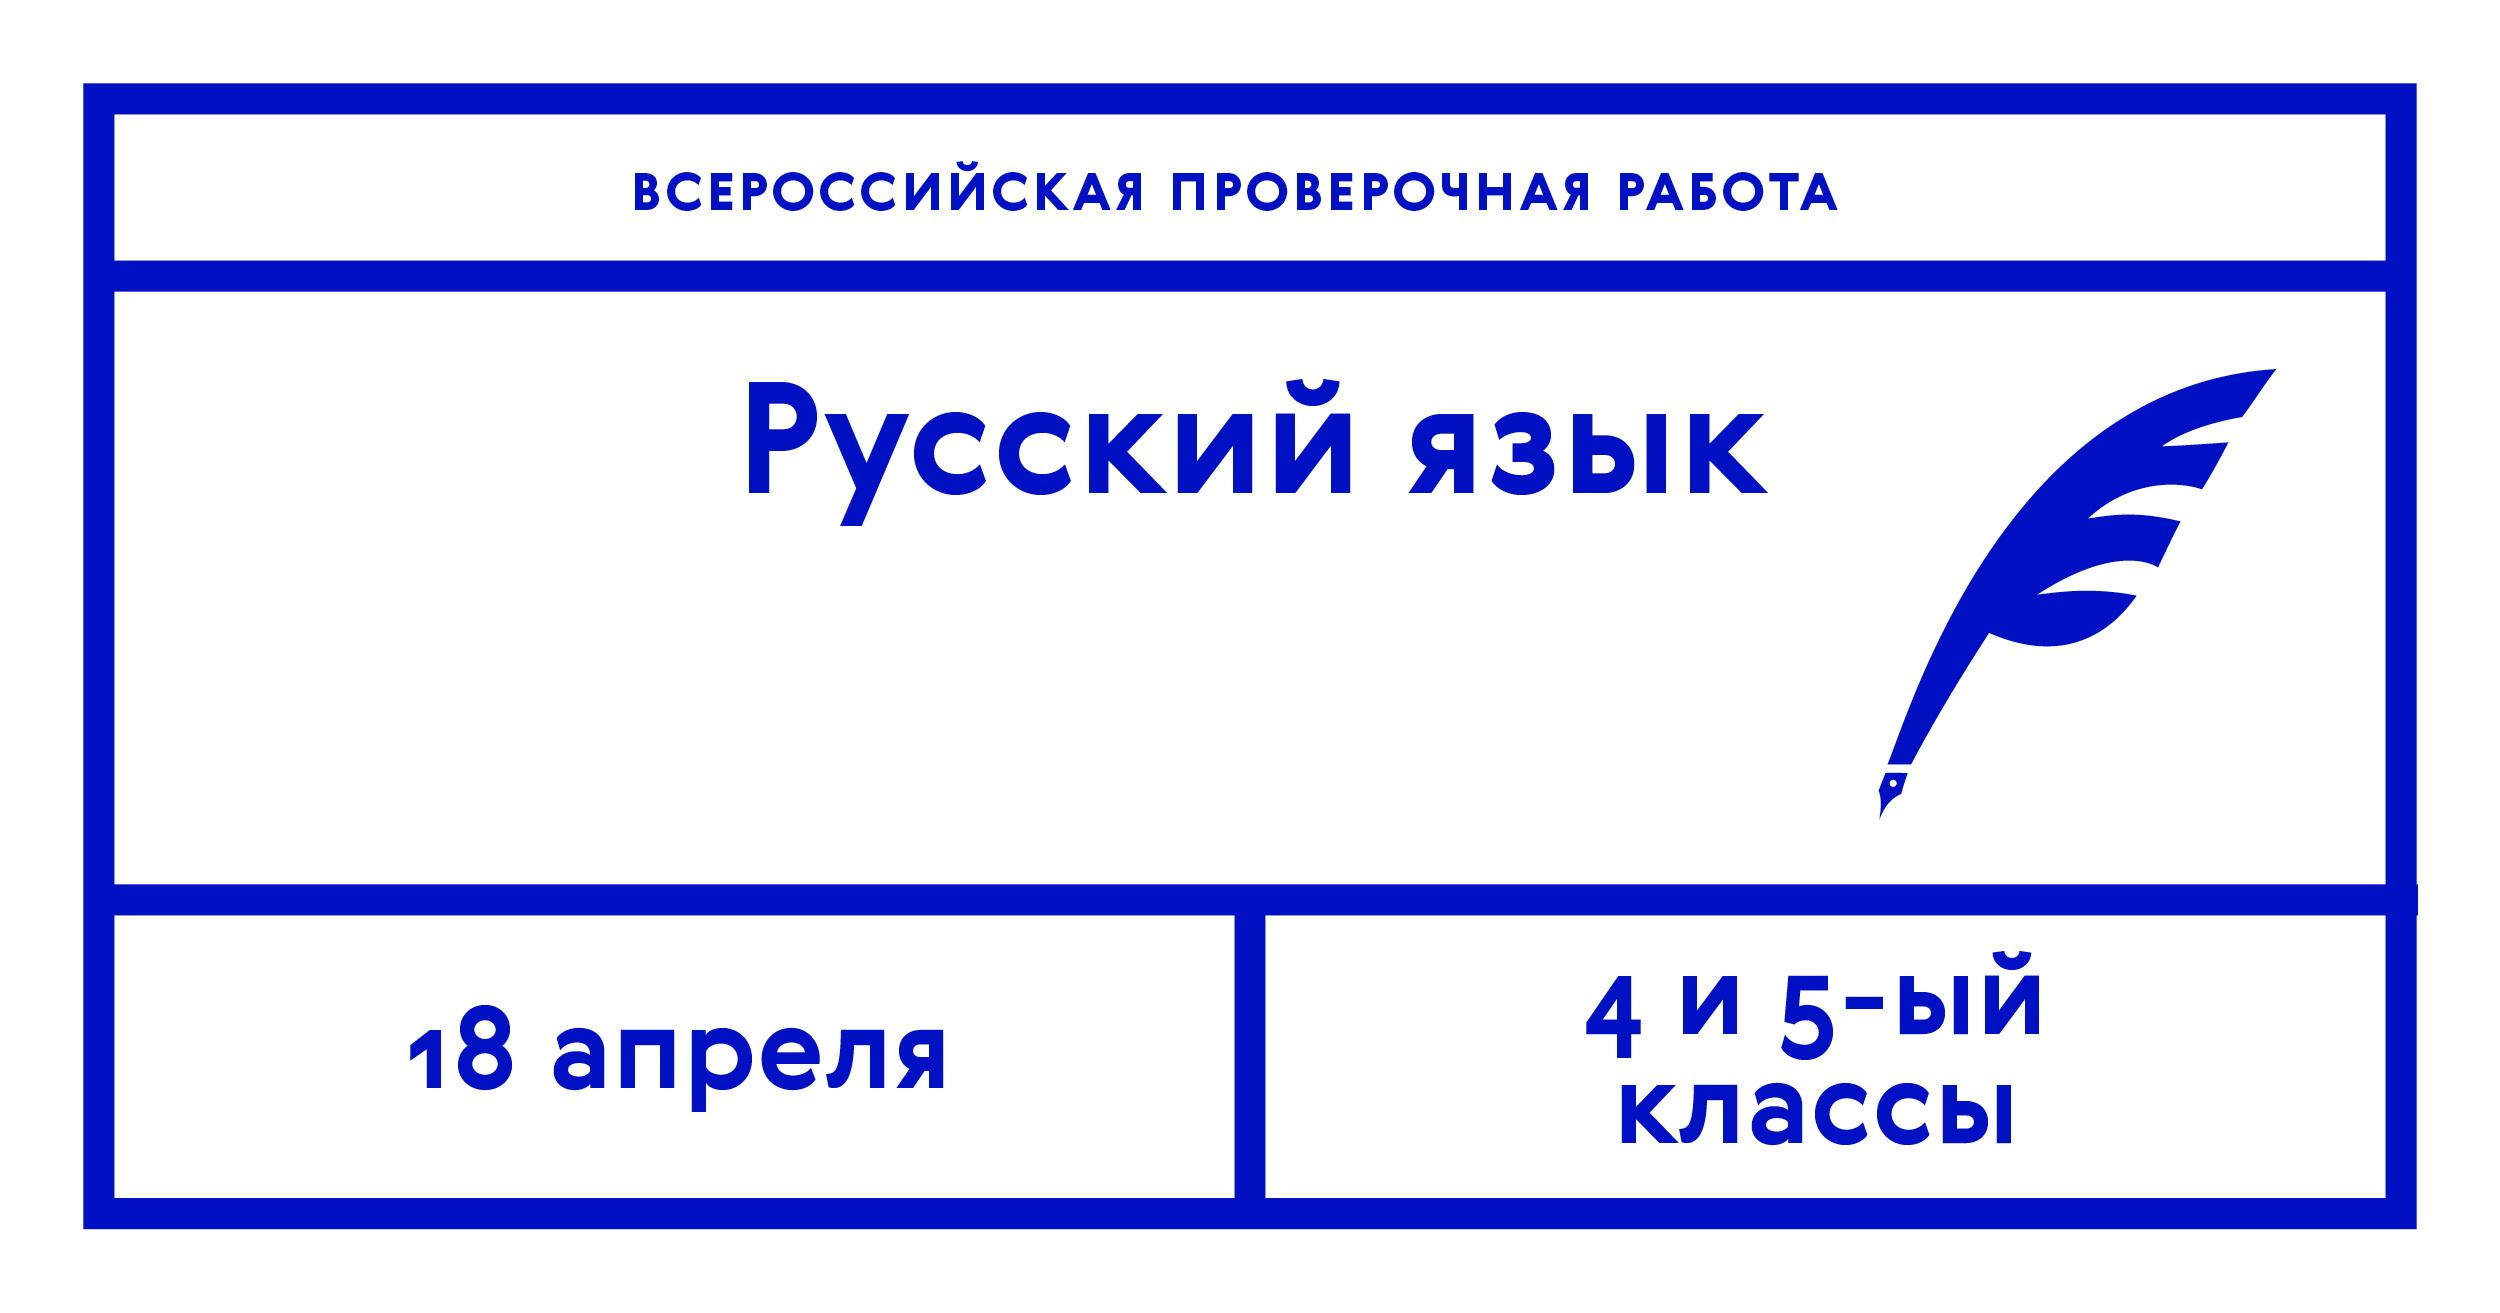 Всероссийские проверочные работы для четвероклассников проходят 18апреля